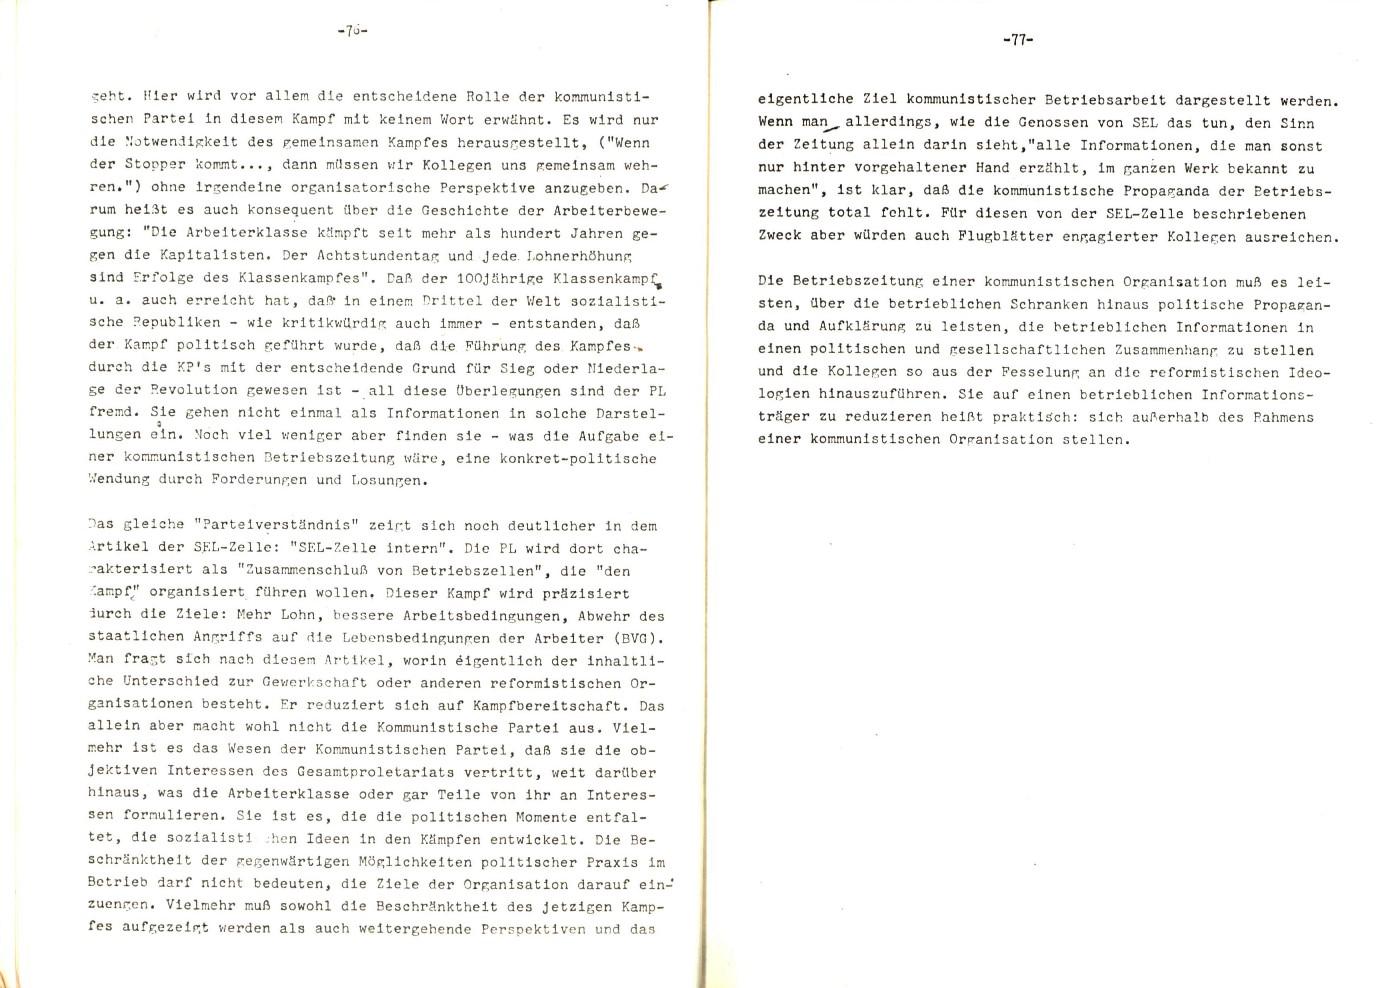 PLPI_1971_Aufloesung_41